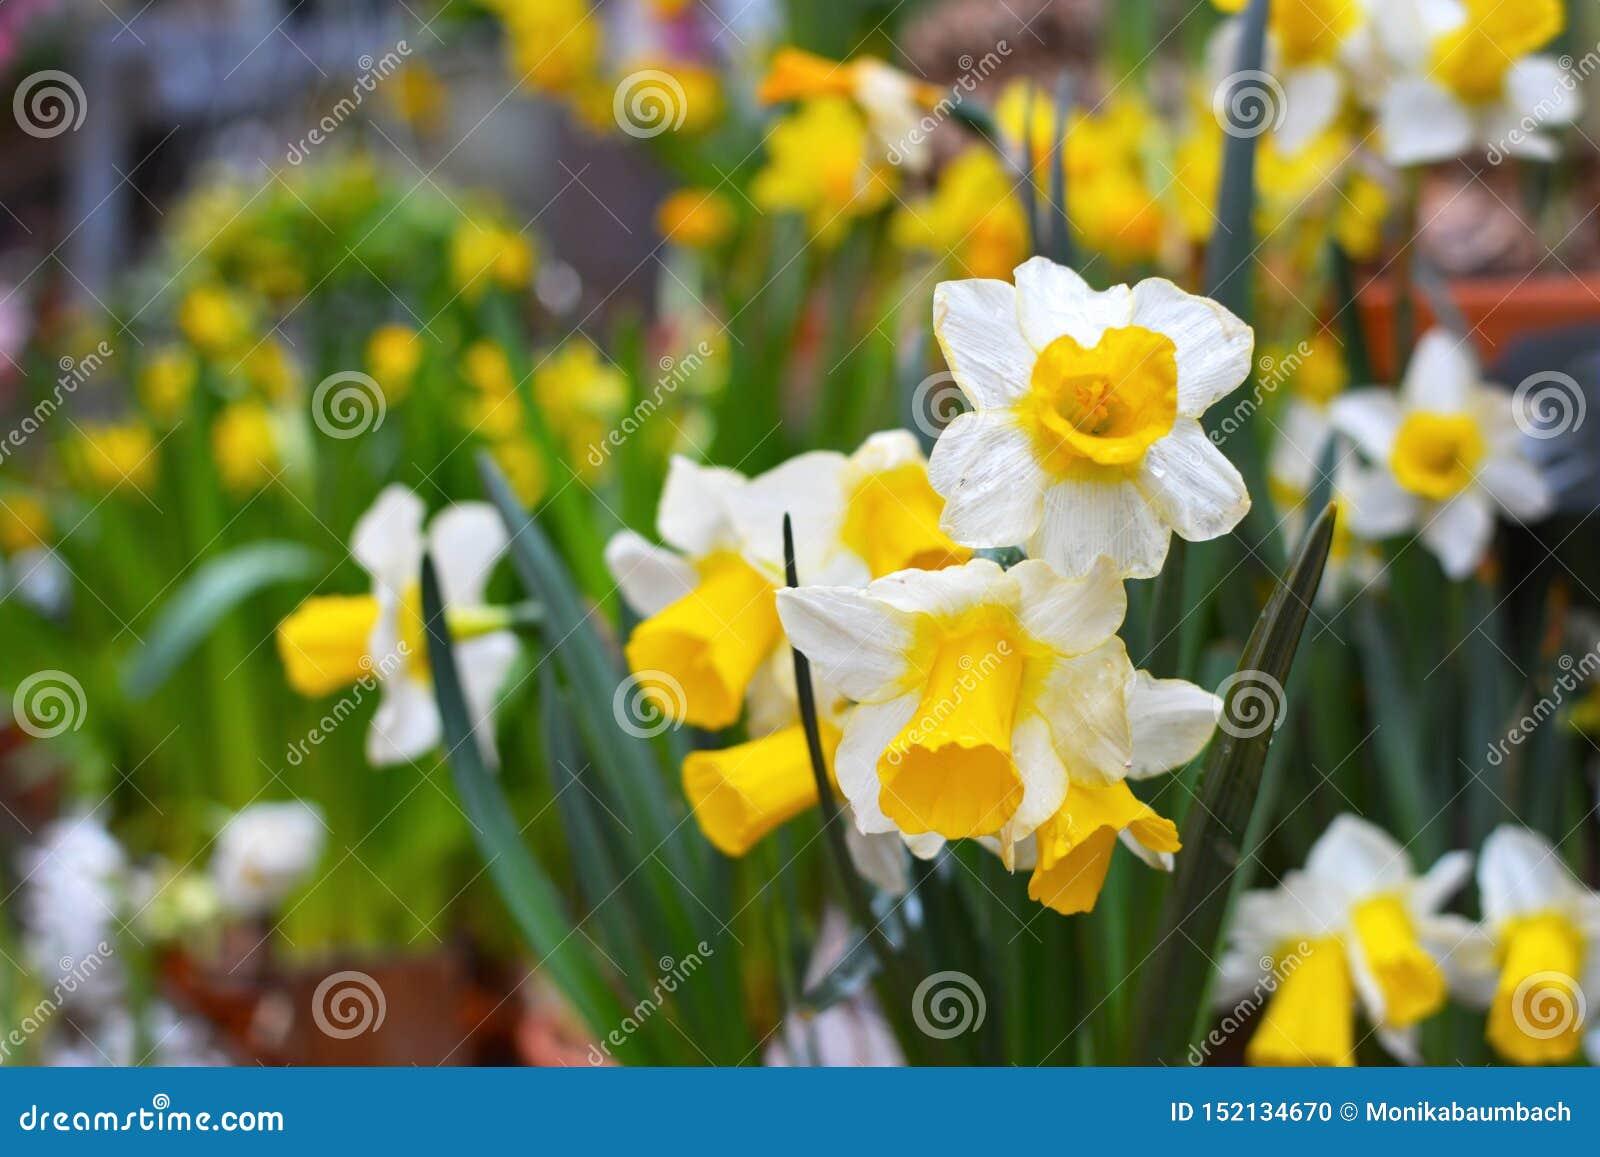 Narcissus Tazetta-Frühlingsblumen mit den weißen Blumenblättern und gelber Trompete auf undeutlichem Hintergrund mit anderen Blum